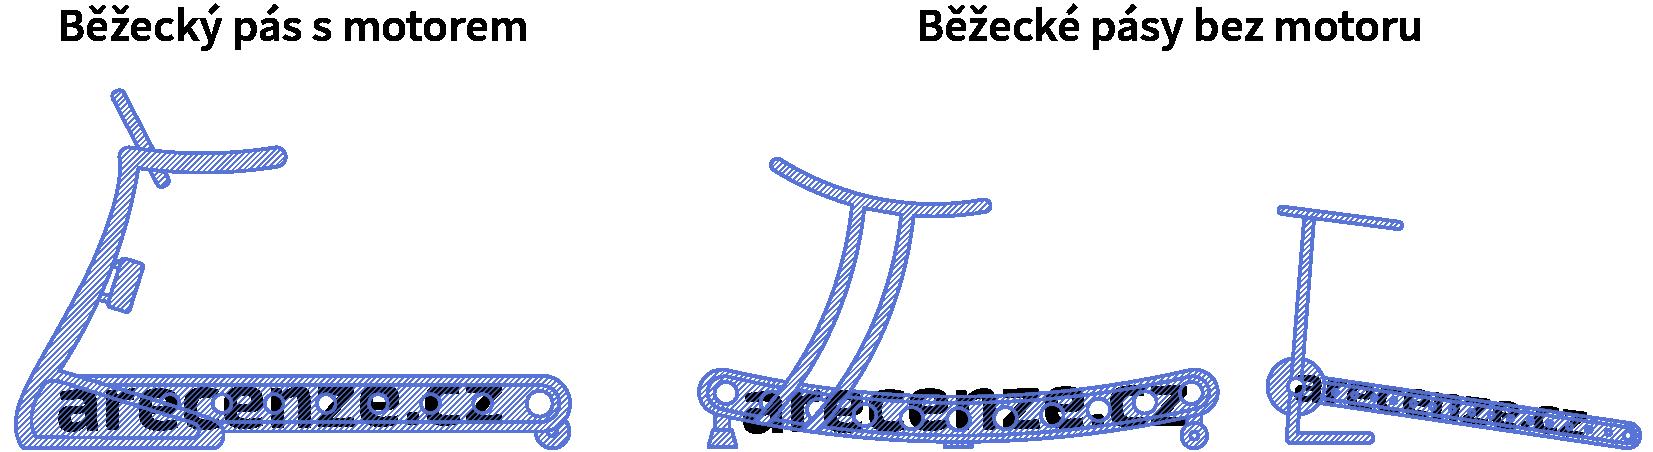 Ukážka typov prevedení bežeckých pásov